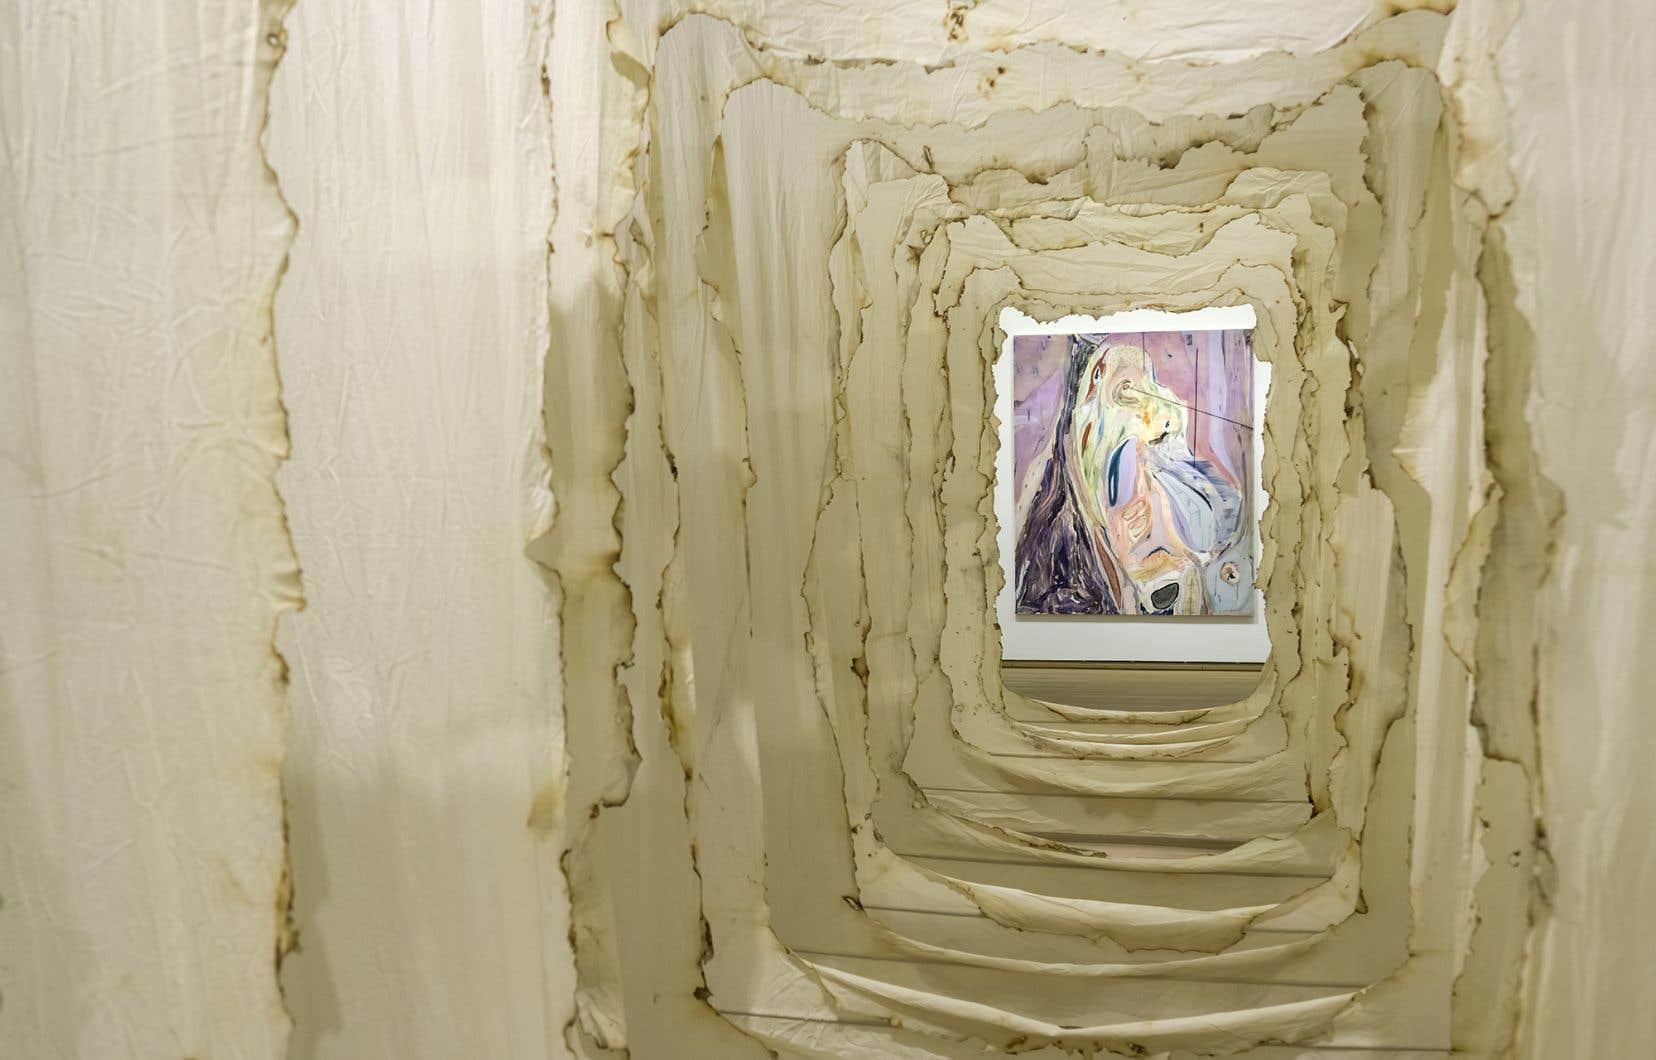 Vue de l'exposition consacrée à l'artiste Manuel Mathieu au Musée des beaux-arts de Montréal